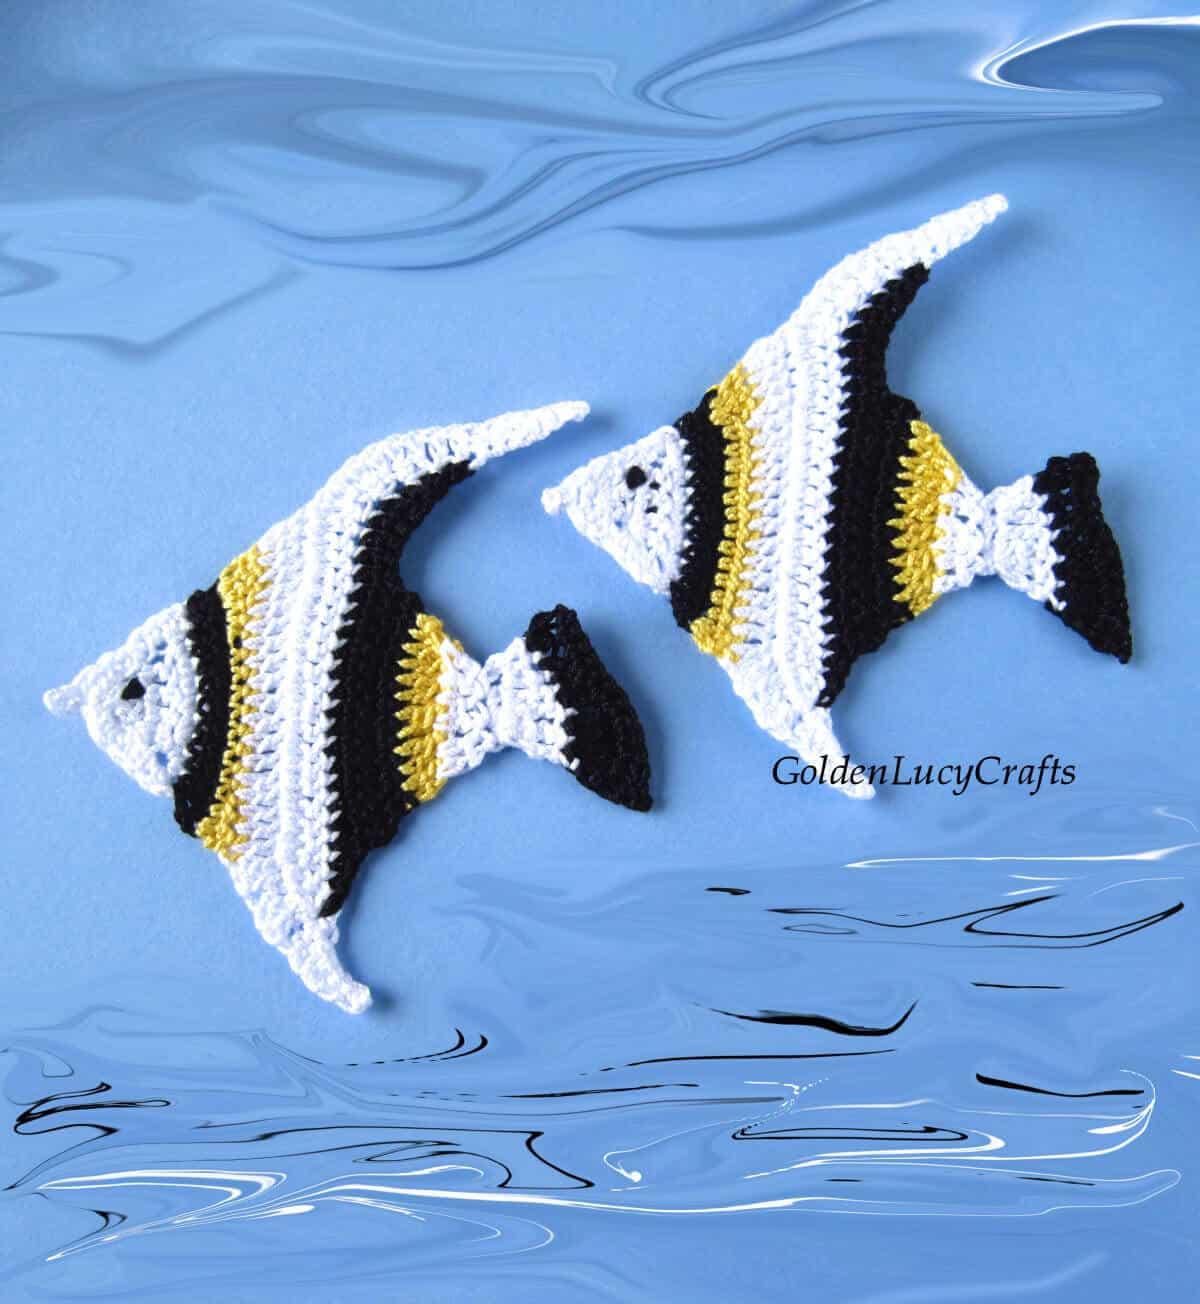 Dos apliques de crochet de peces en colores blanco, negro y amarillo.